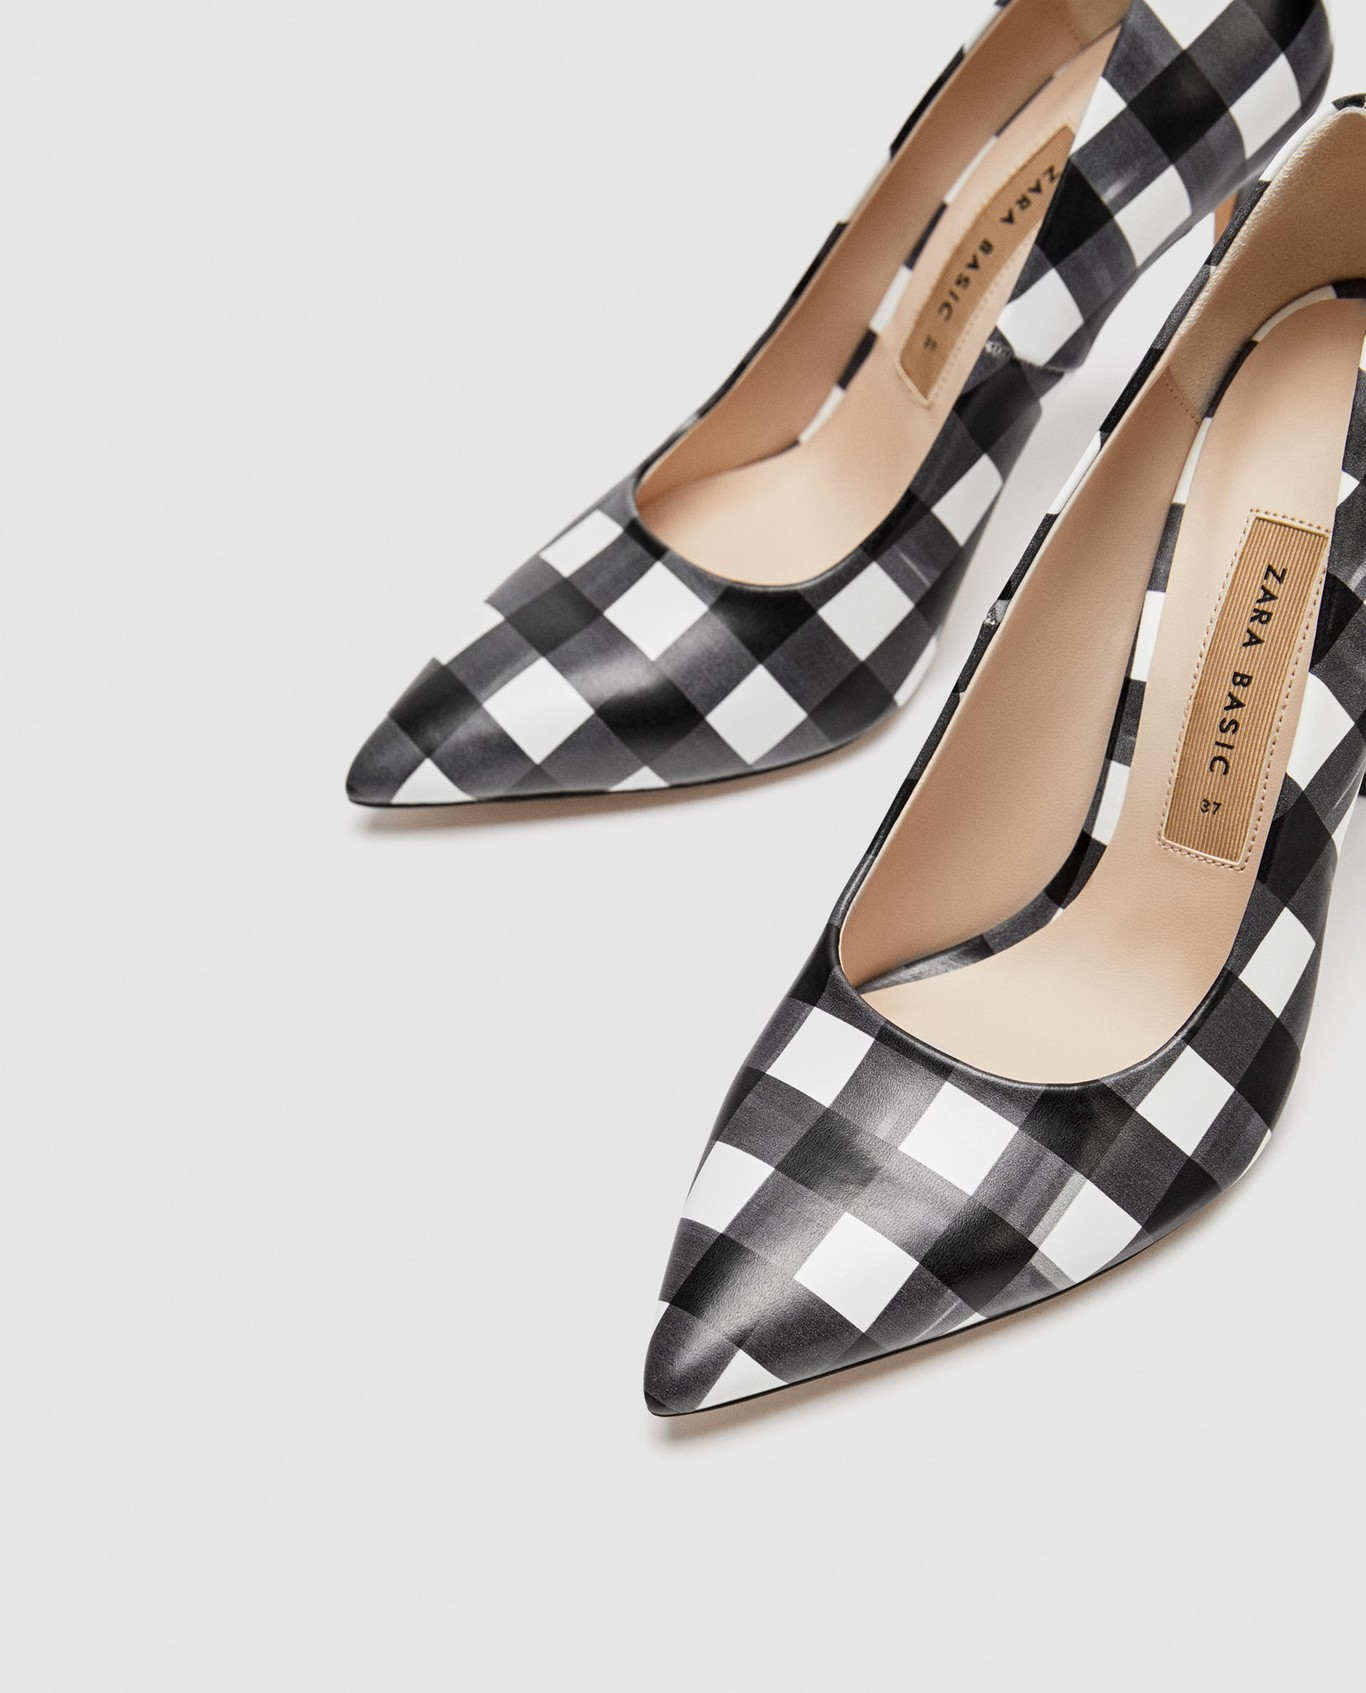 71c10f1a8d8 Los zapatos de Zara para este verano 2018 son así de llamativos